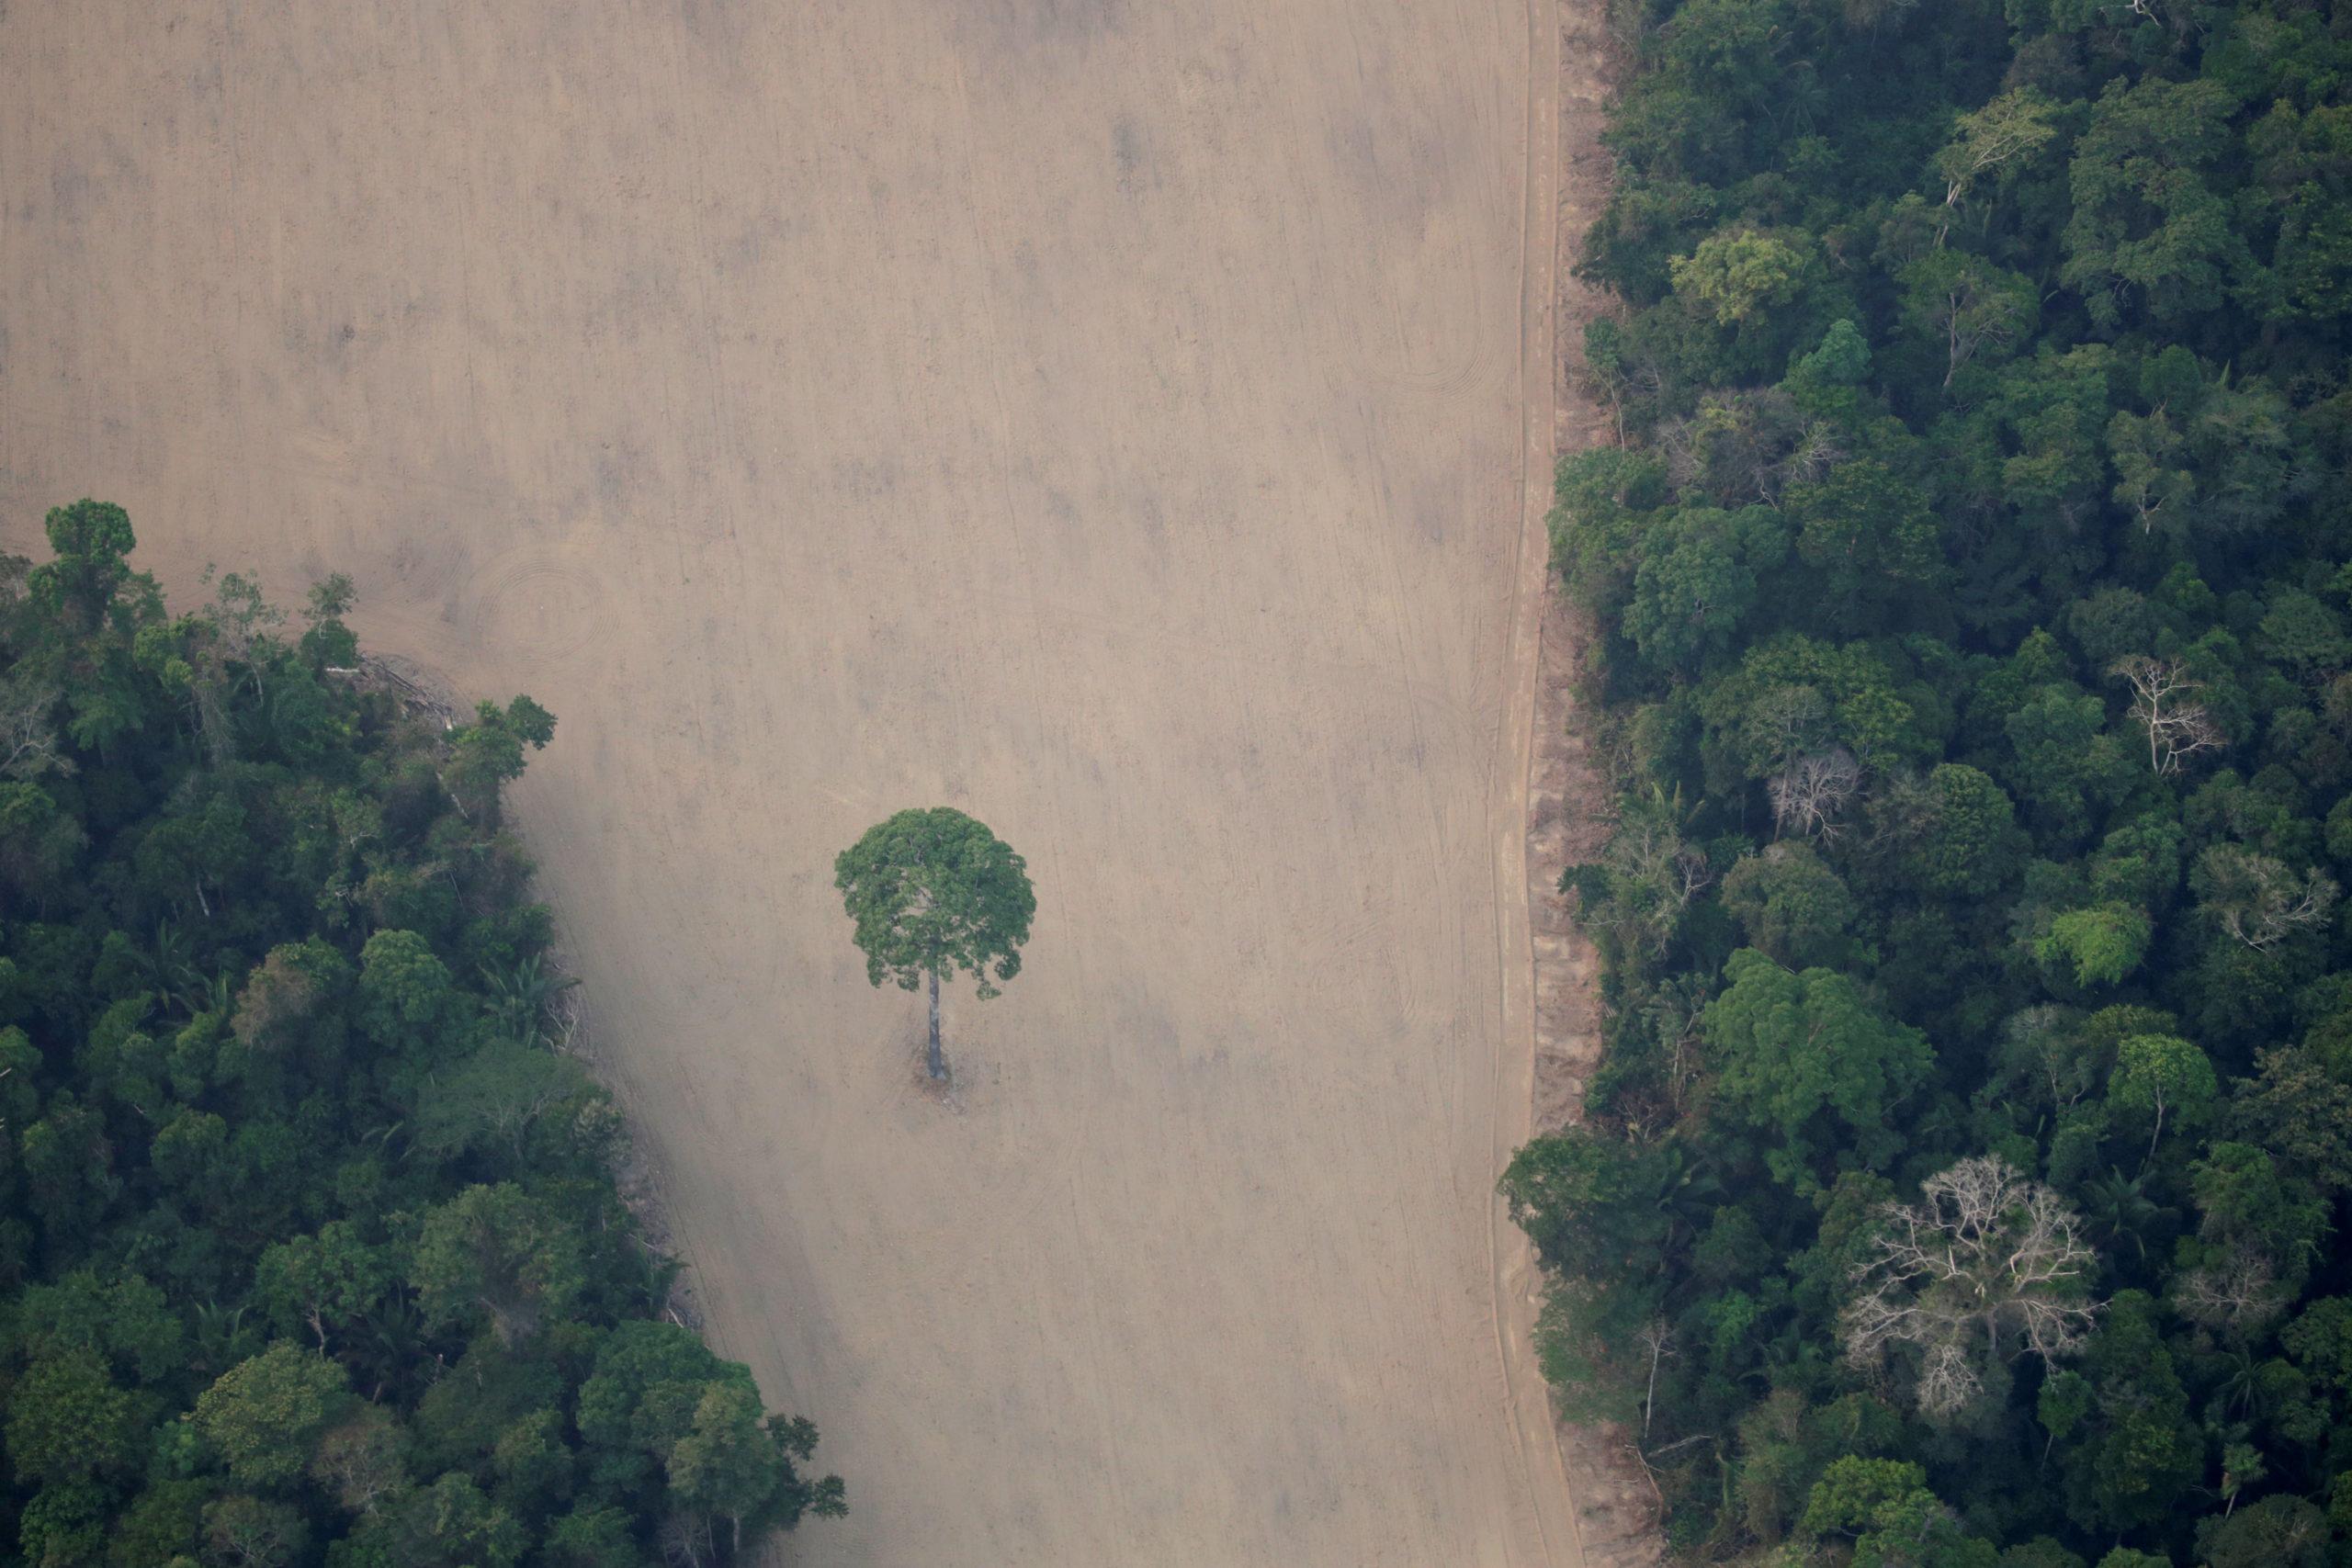 Brésil: Huit pays européens demandent des mesures contre la déforestation en Amazonie